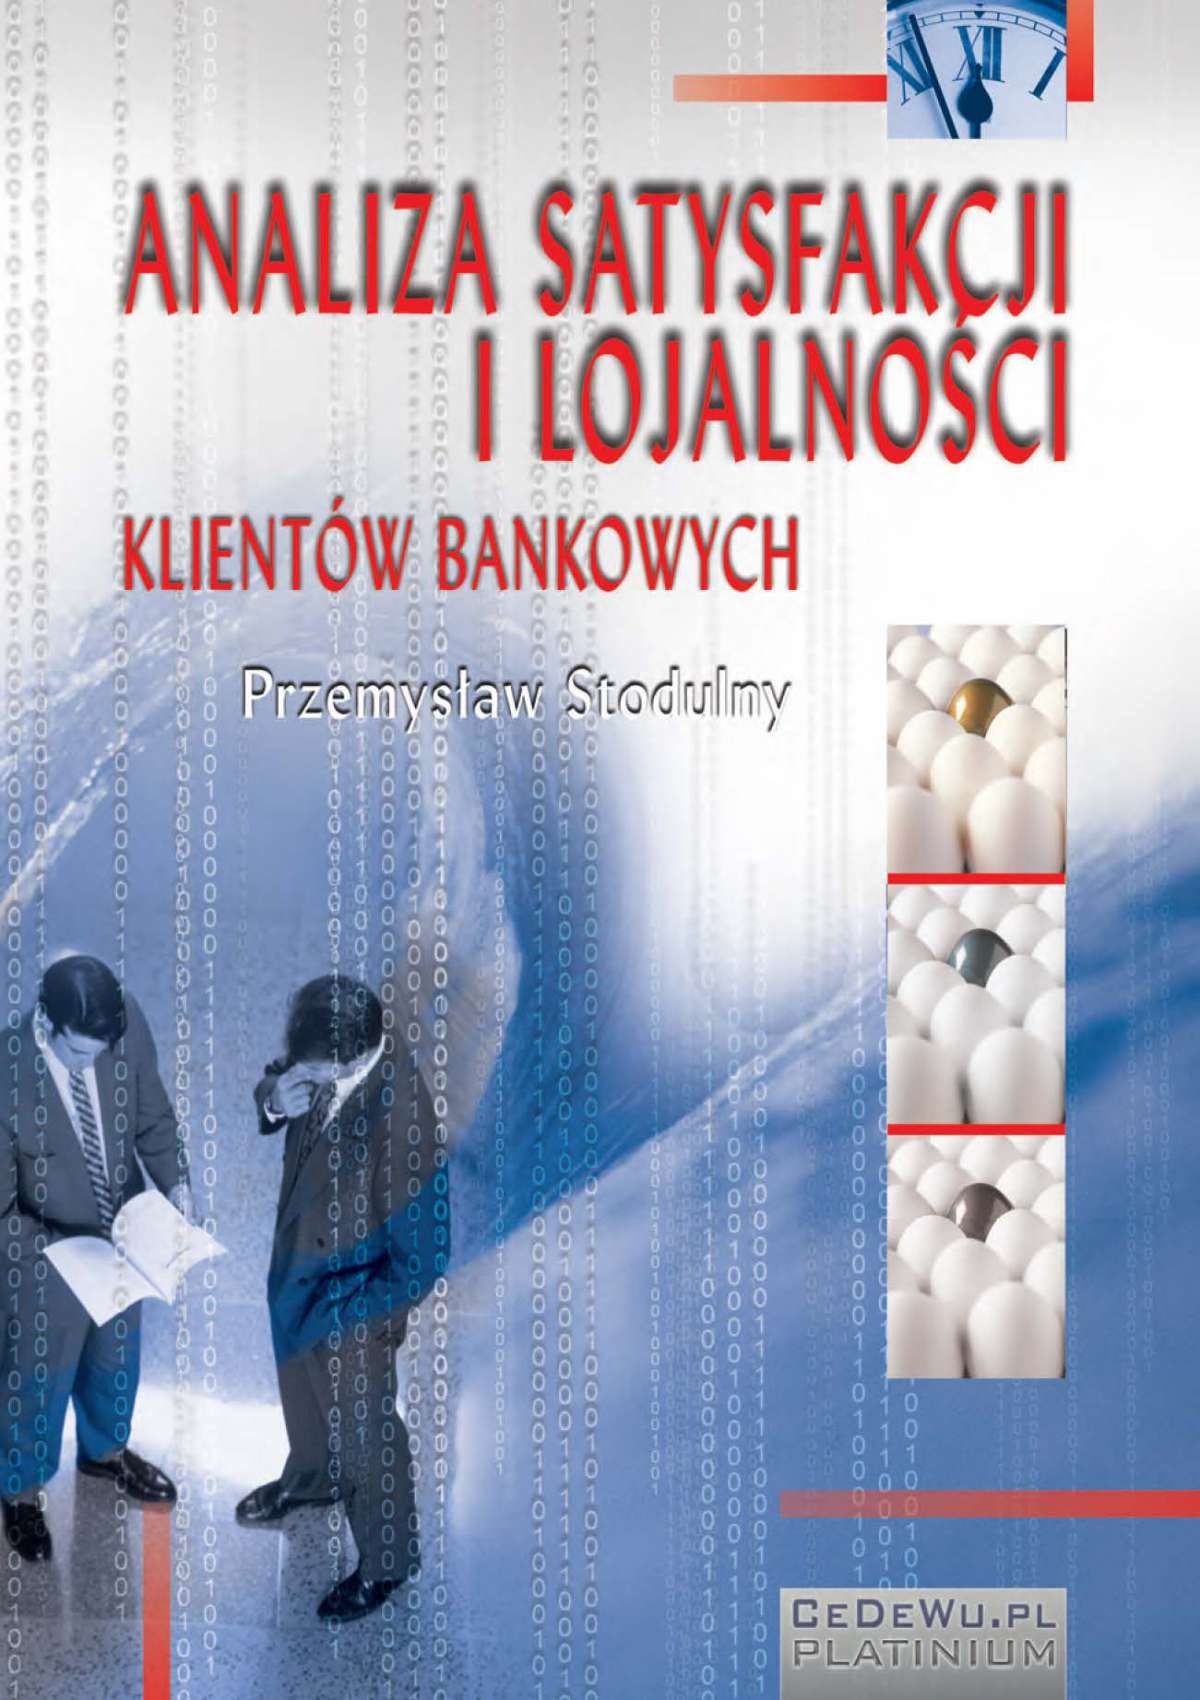 Analiza satysfakcji i lojalności klientów bankowych - Ebook (Książka PDF) do pobrania w formacie PDF